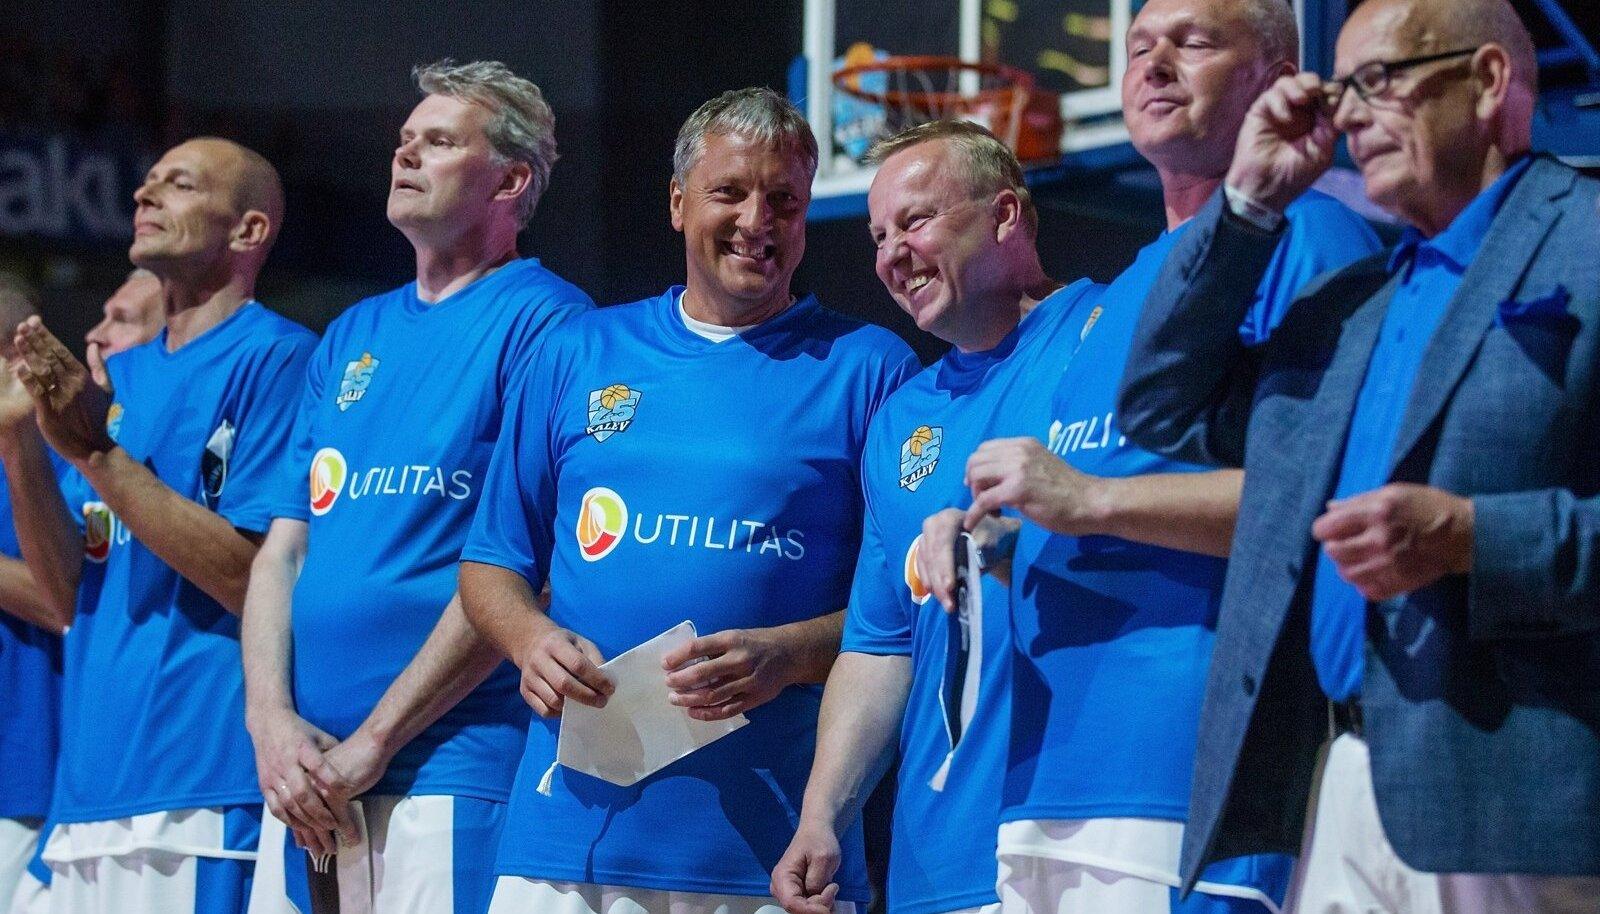 Tallinna Kalev v Kaunase Zalgiris, Kalev 25 mäng Saku Suurhallis.